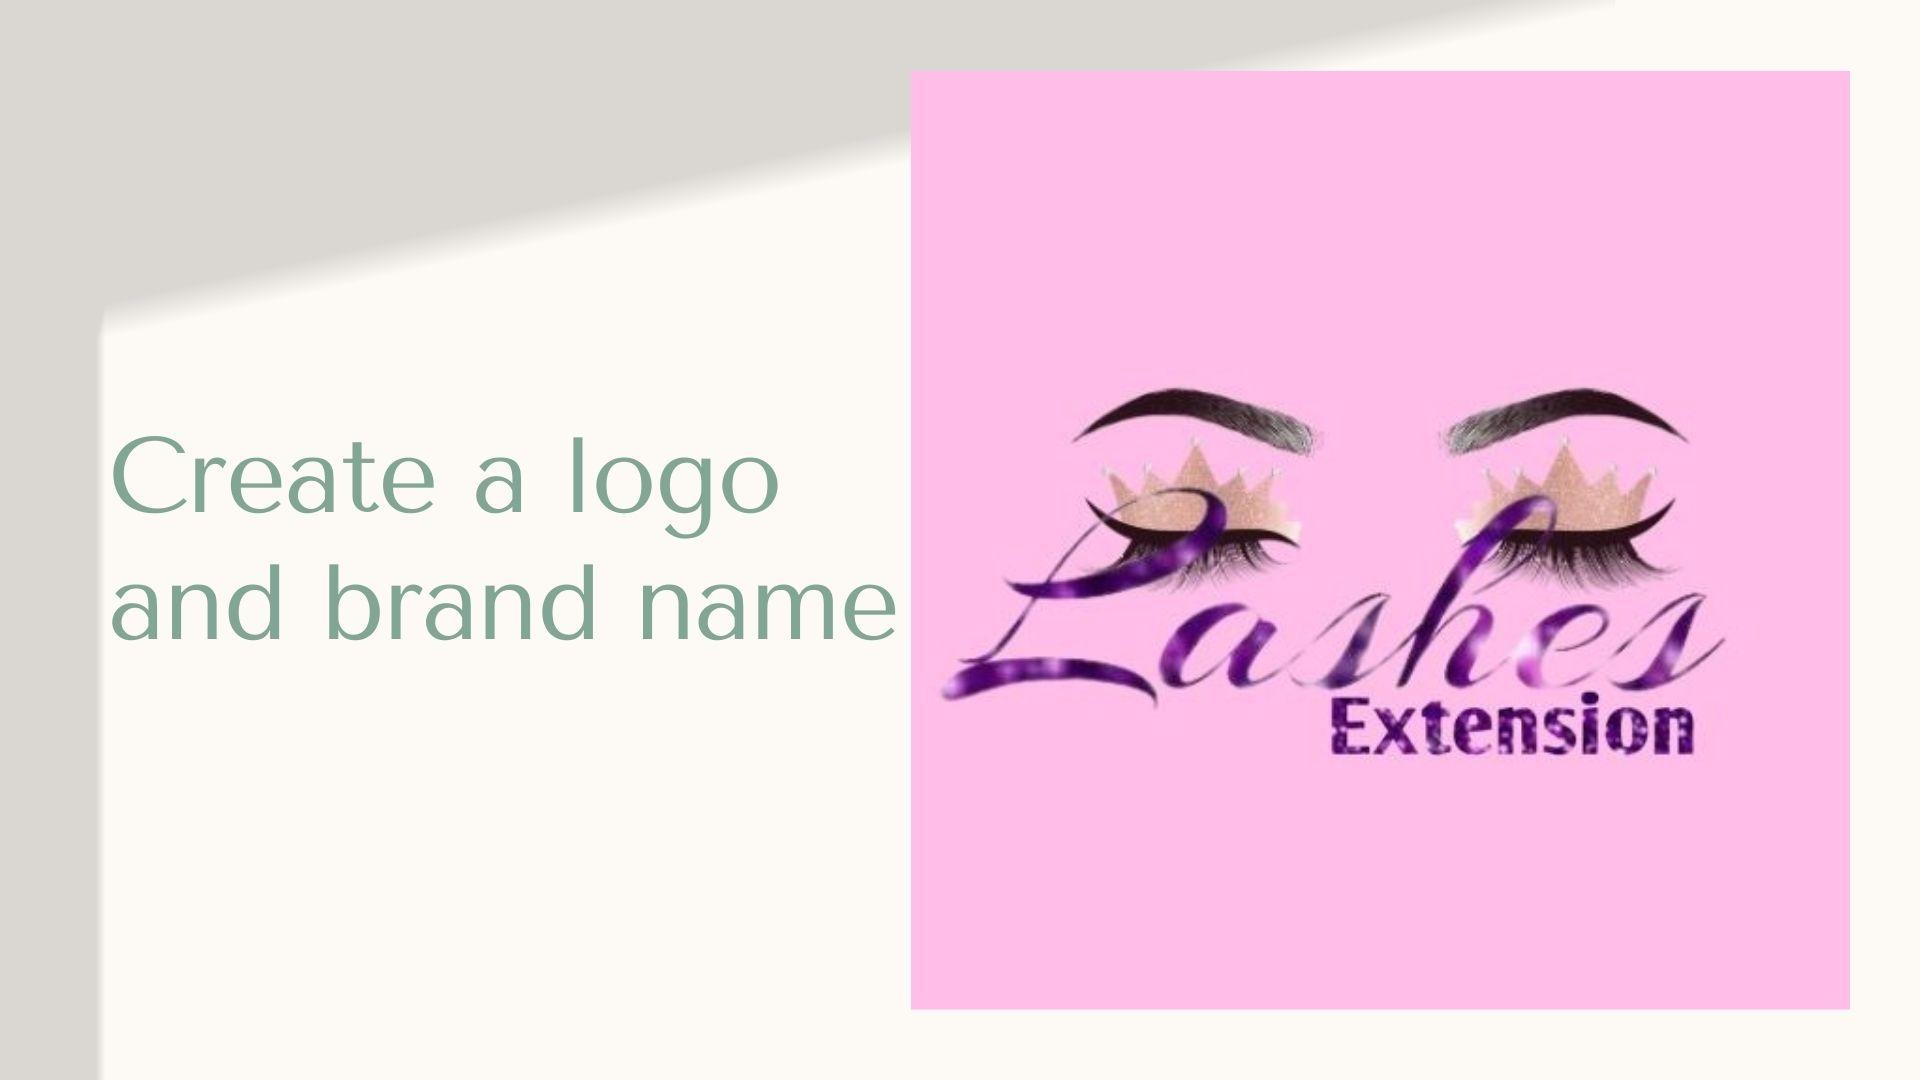 Create a logo and brand name